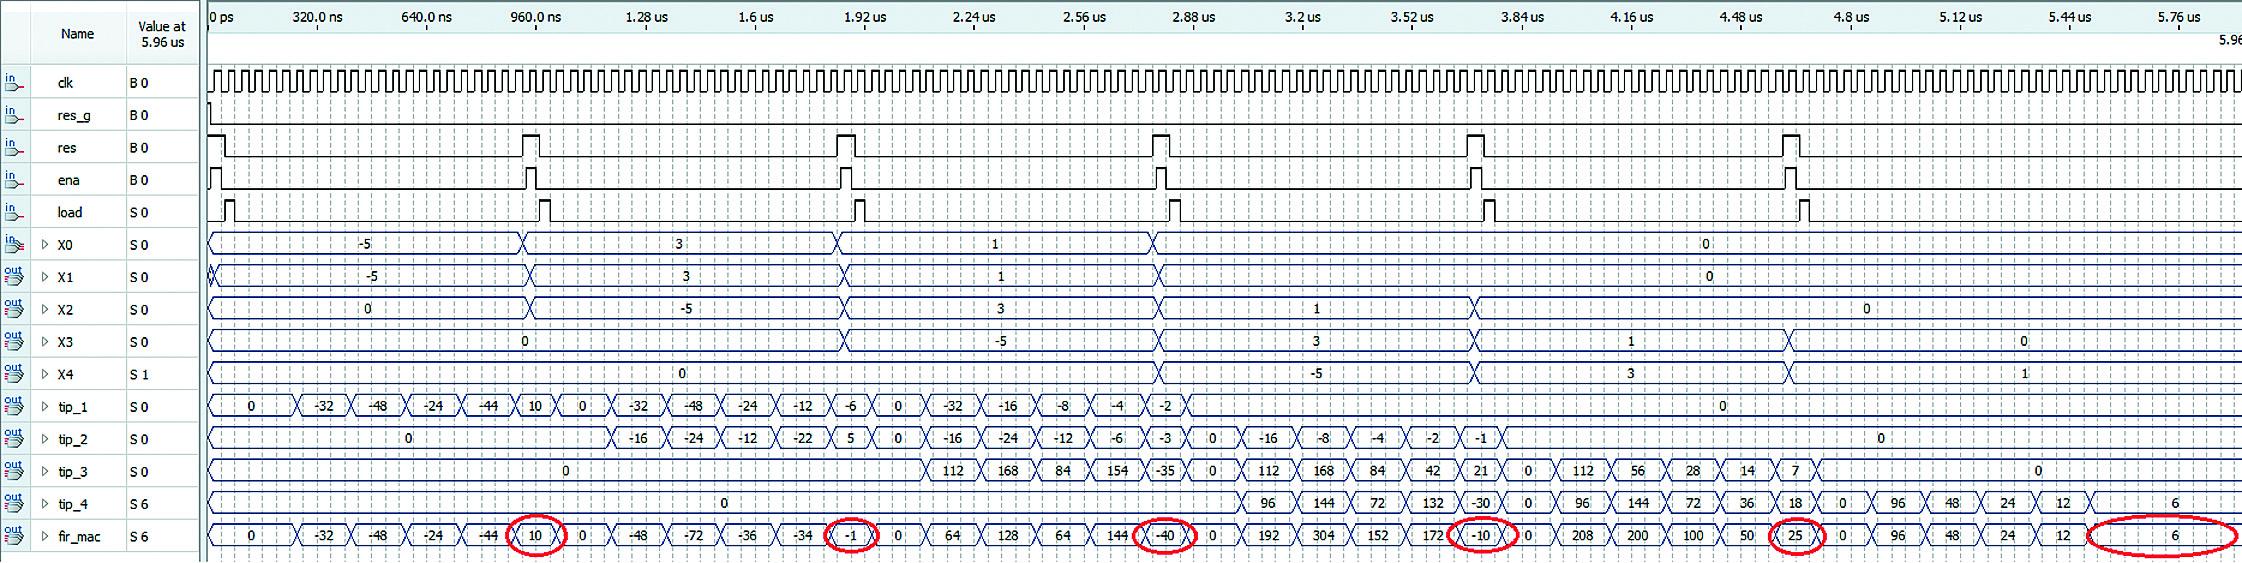 Временные диаграммы работы КИХ-фильтра на четыре отвода на умножителях с использованием метода правого сдвига и сложения при поступлении входных отчетов –5, 3, 1 и 0. Результат: 10, –1, –40, –10, 25, 6